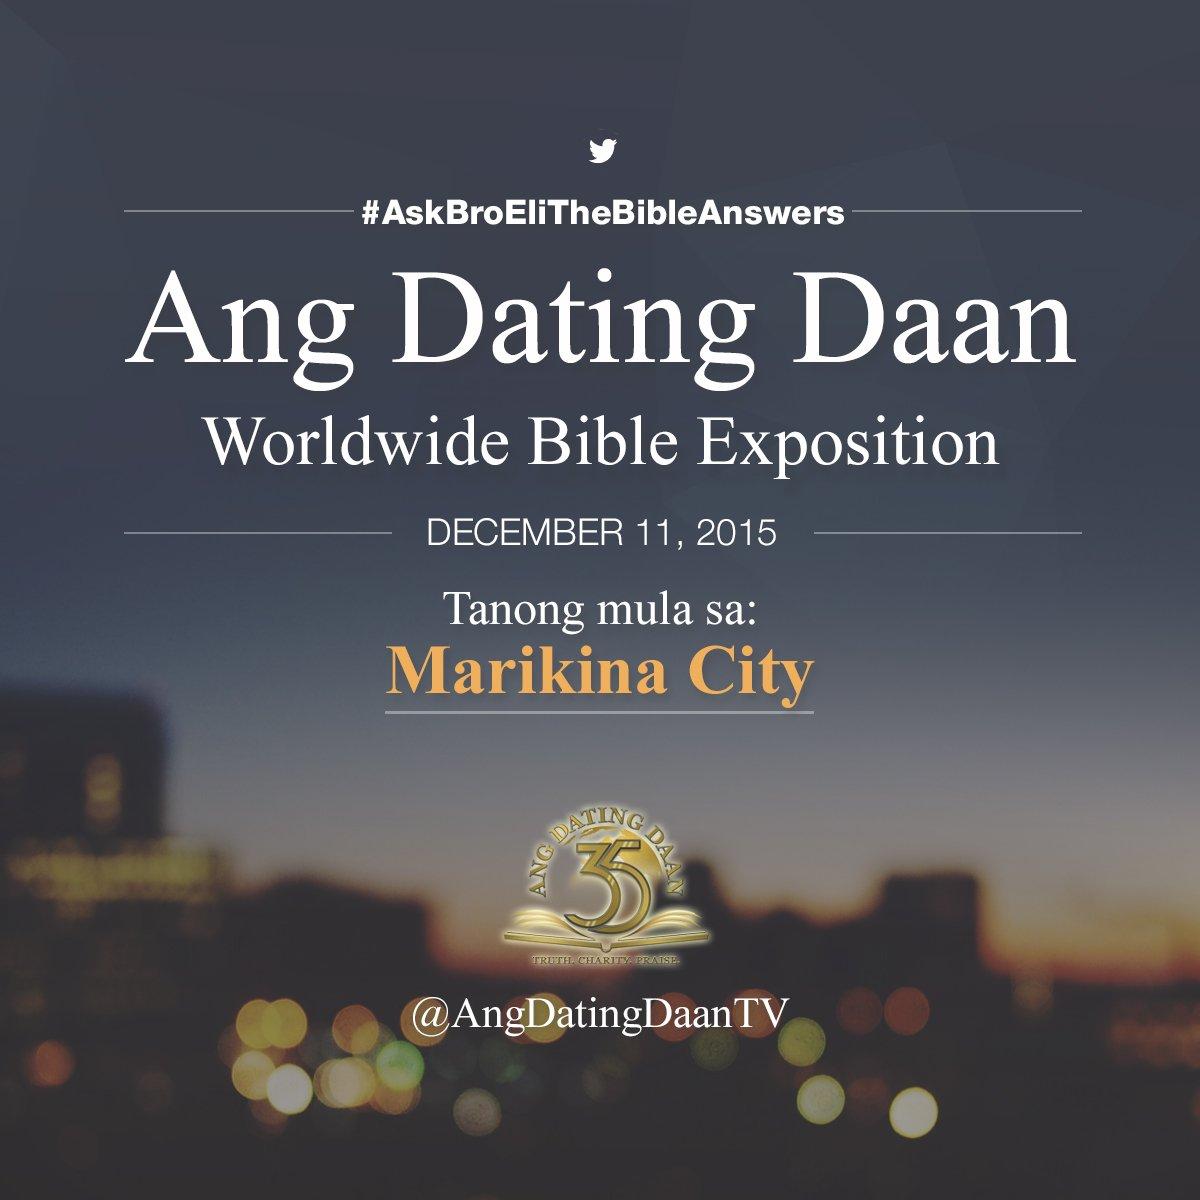 ang Dating Marikina Daan